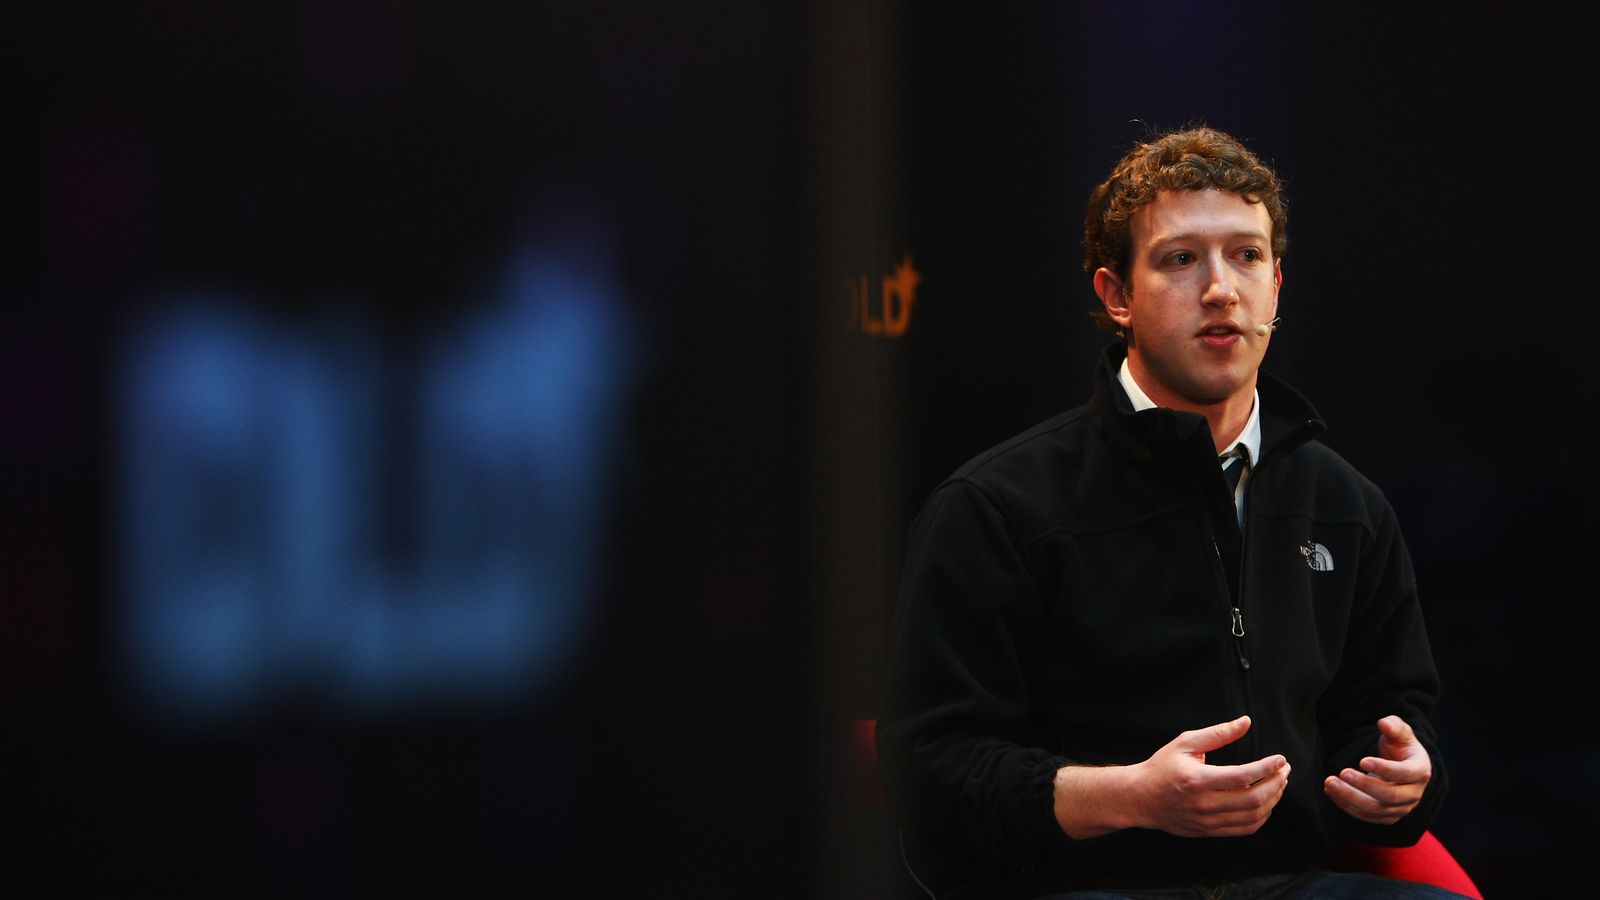 Before Facebook, Mark Zuckerberg built a chat network called ZuckNet